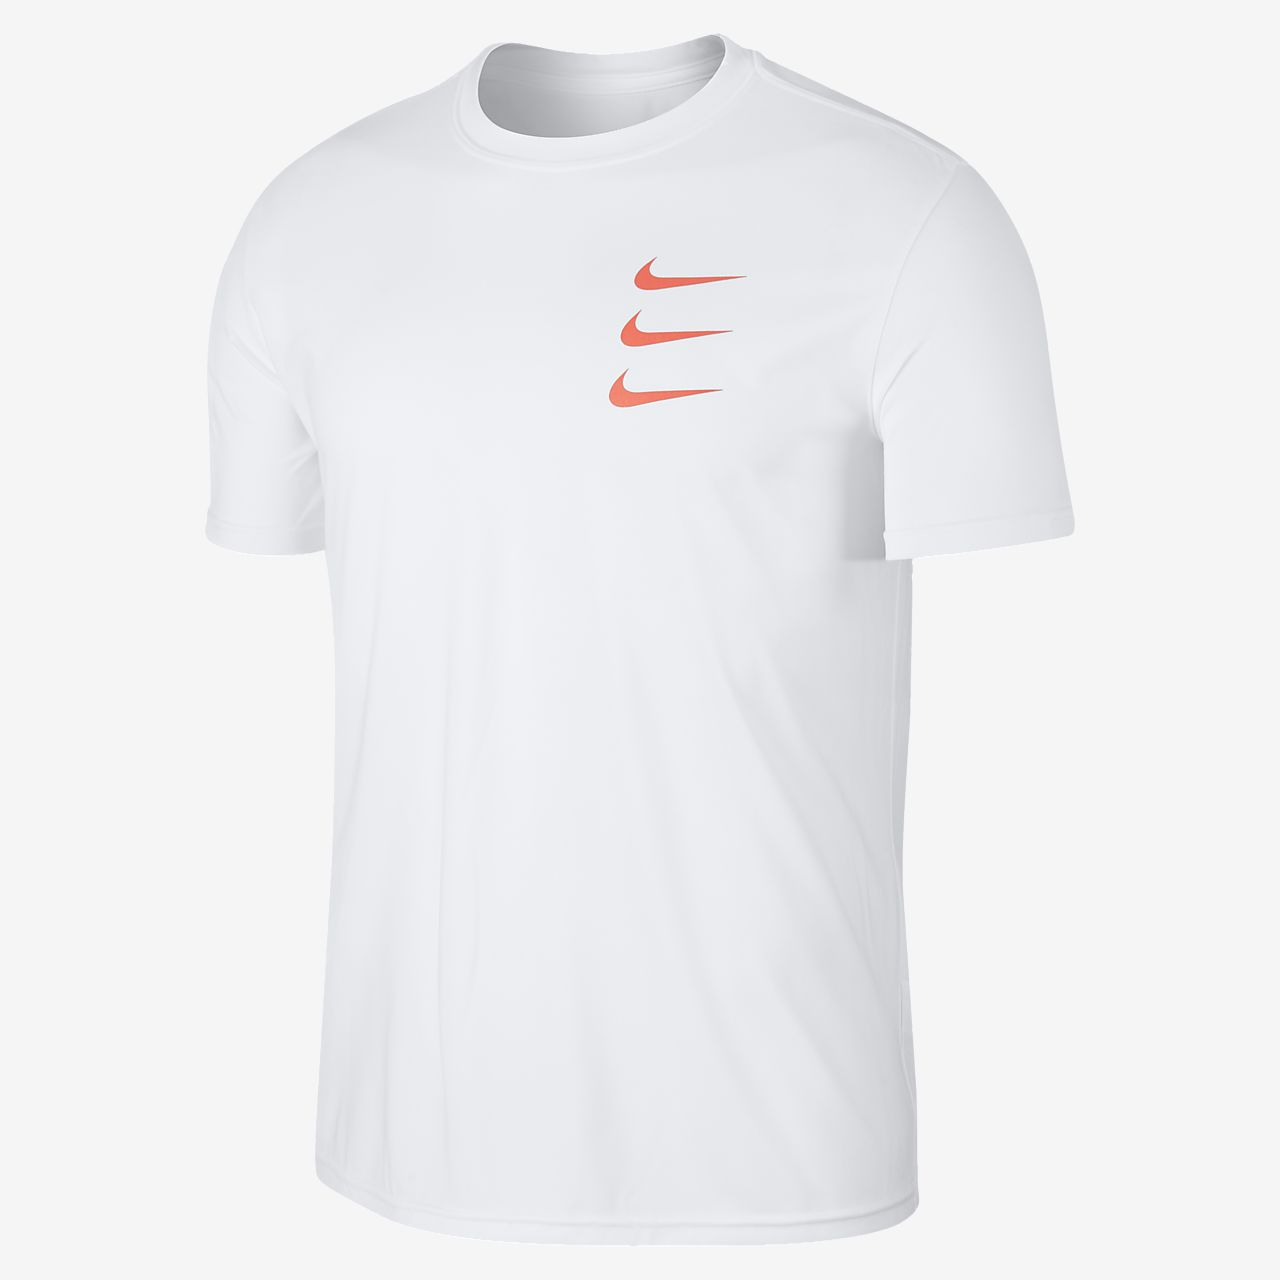 Nike Dri-FIT (London) - løbe-T-shirt til mænd